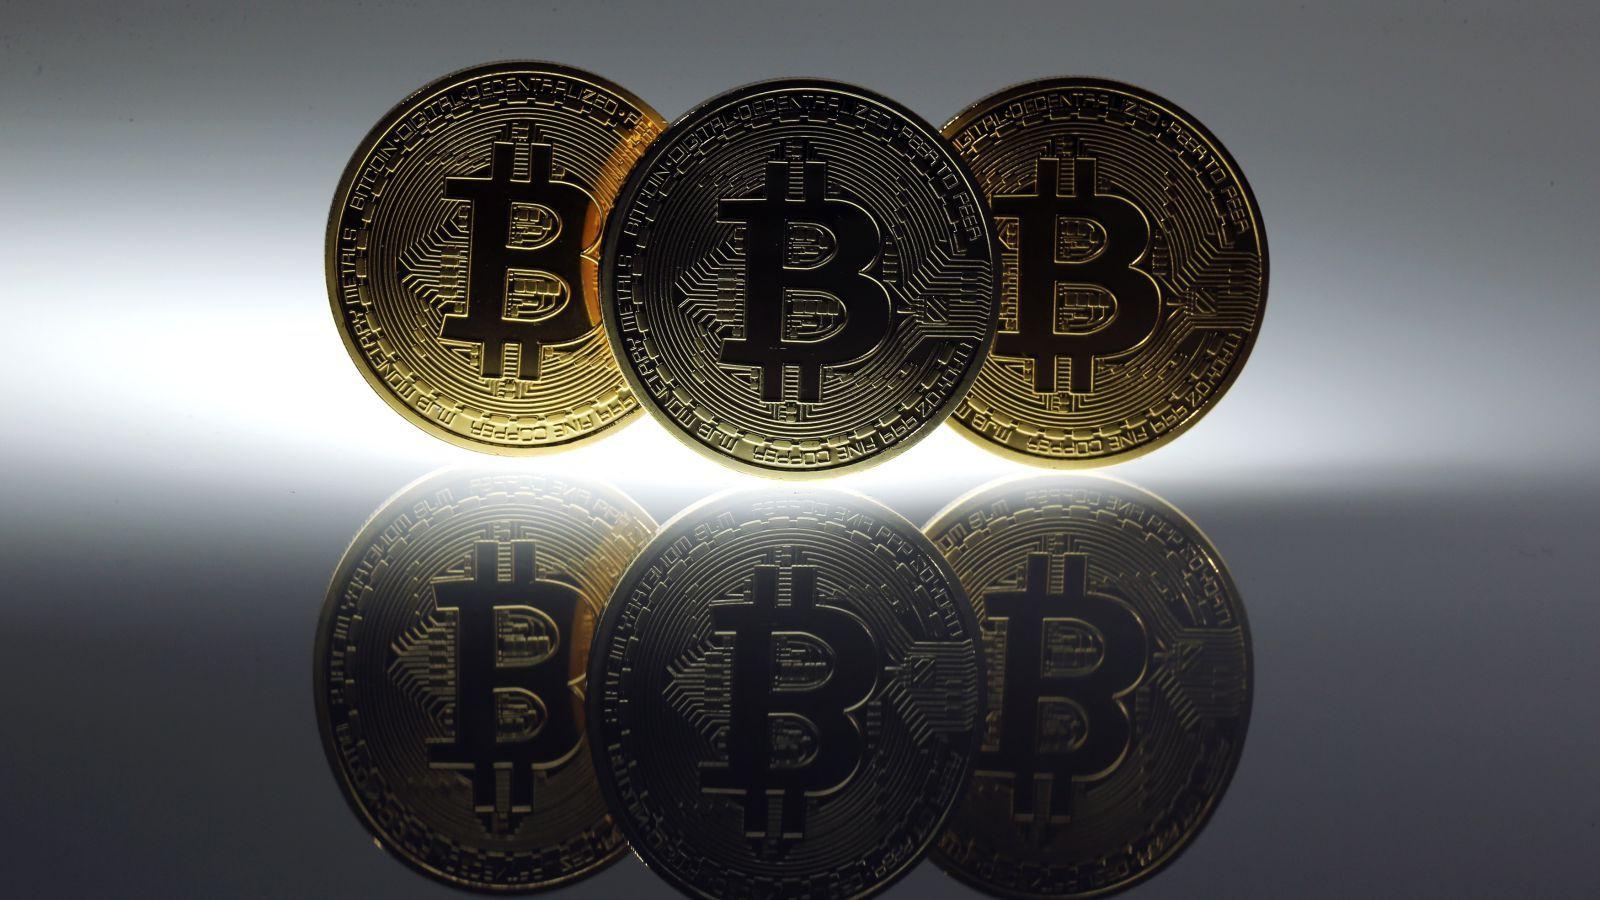 Mock bitcoins on a table